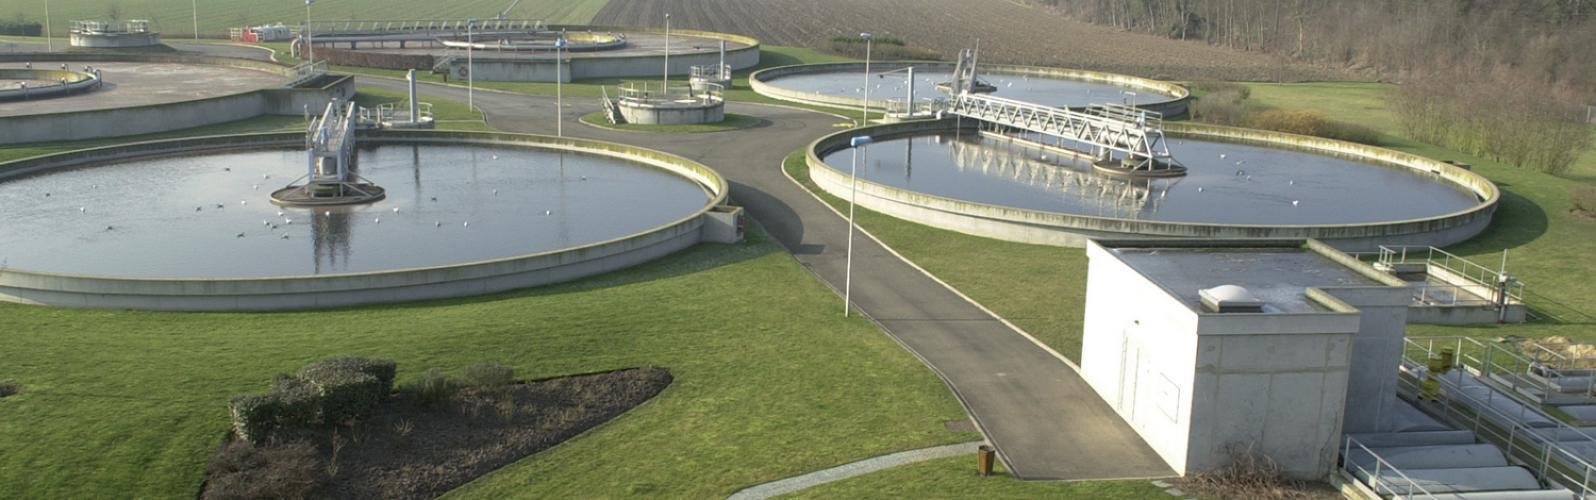 Охрана окружающей среды на промышленных предприятиях